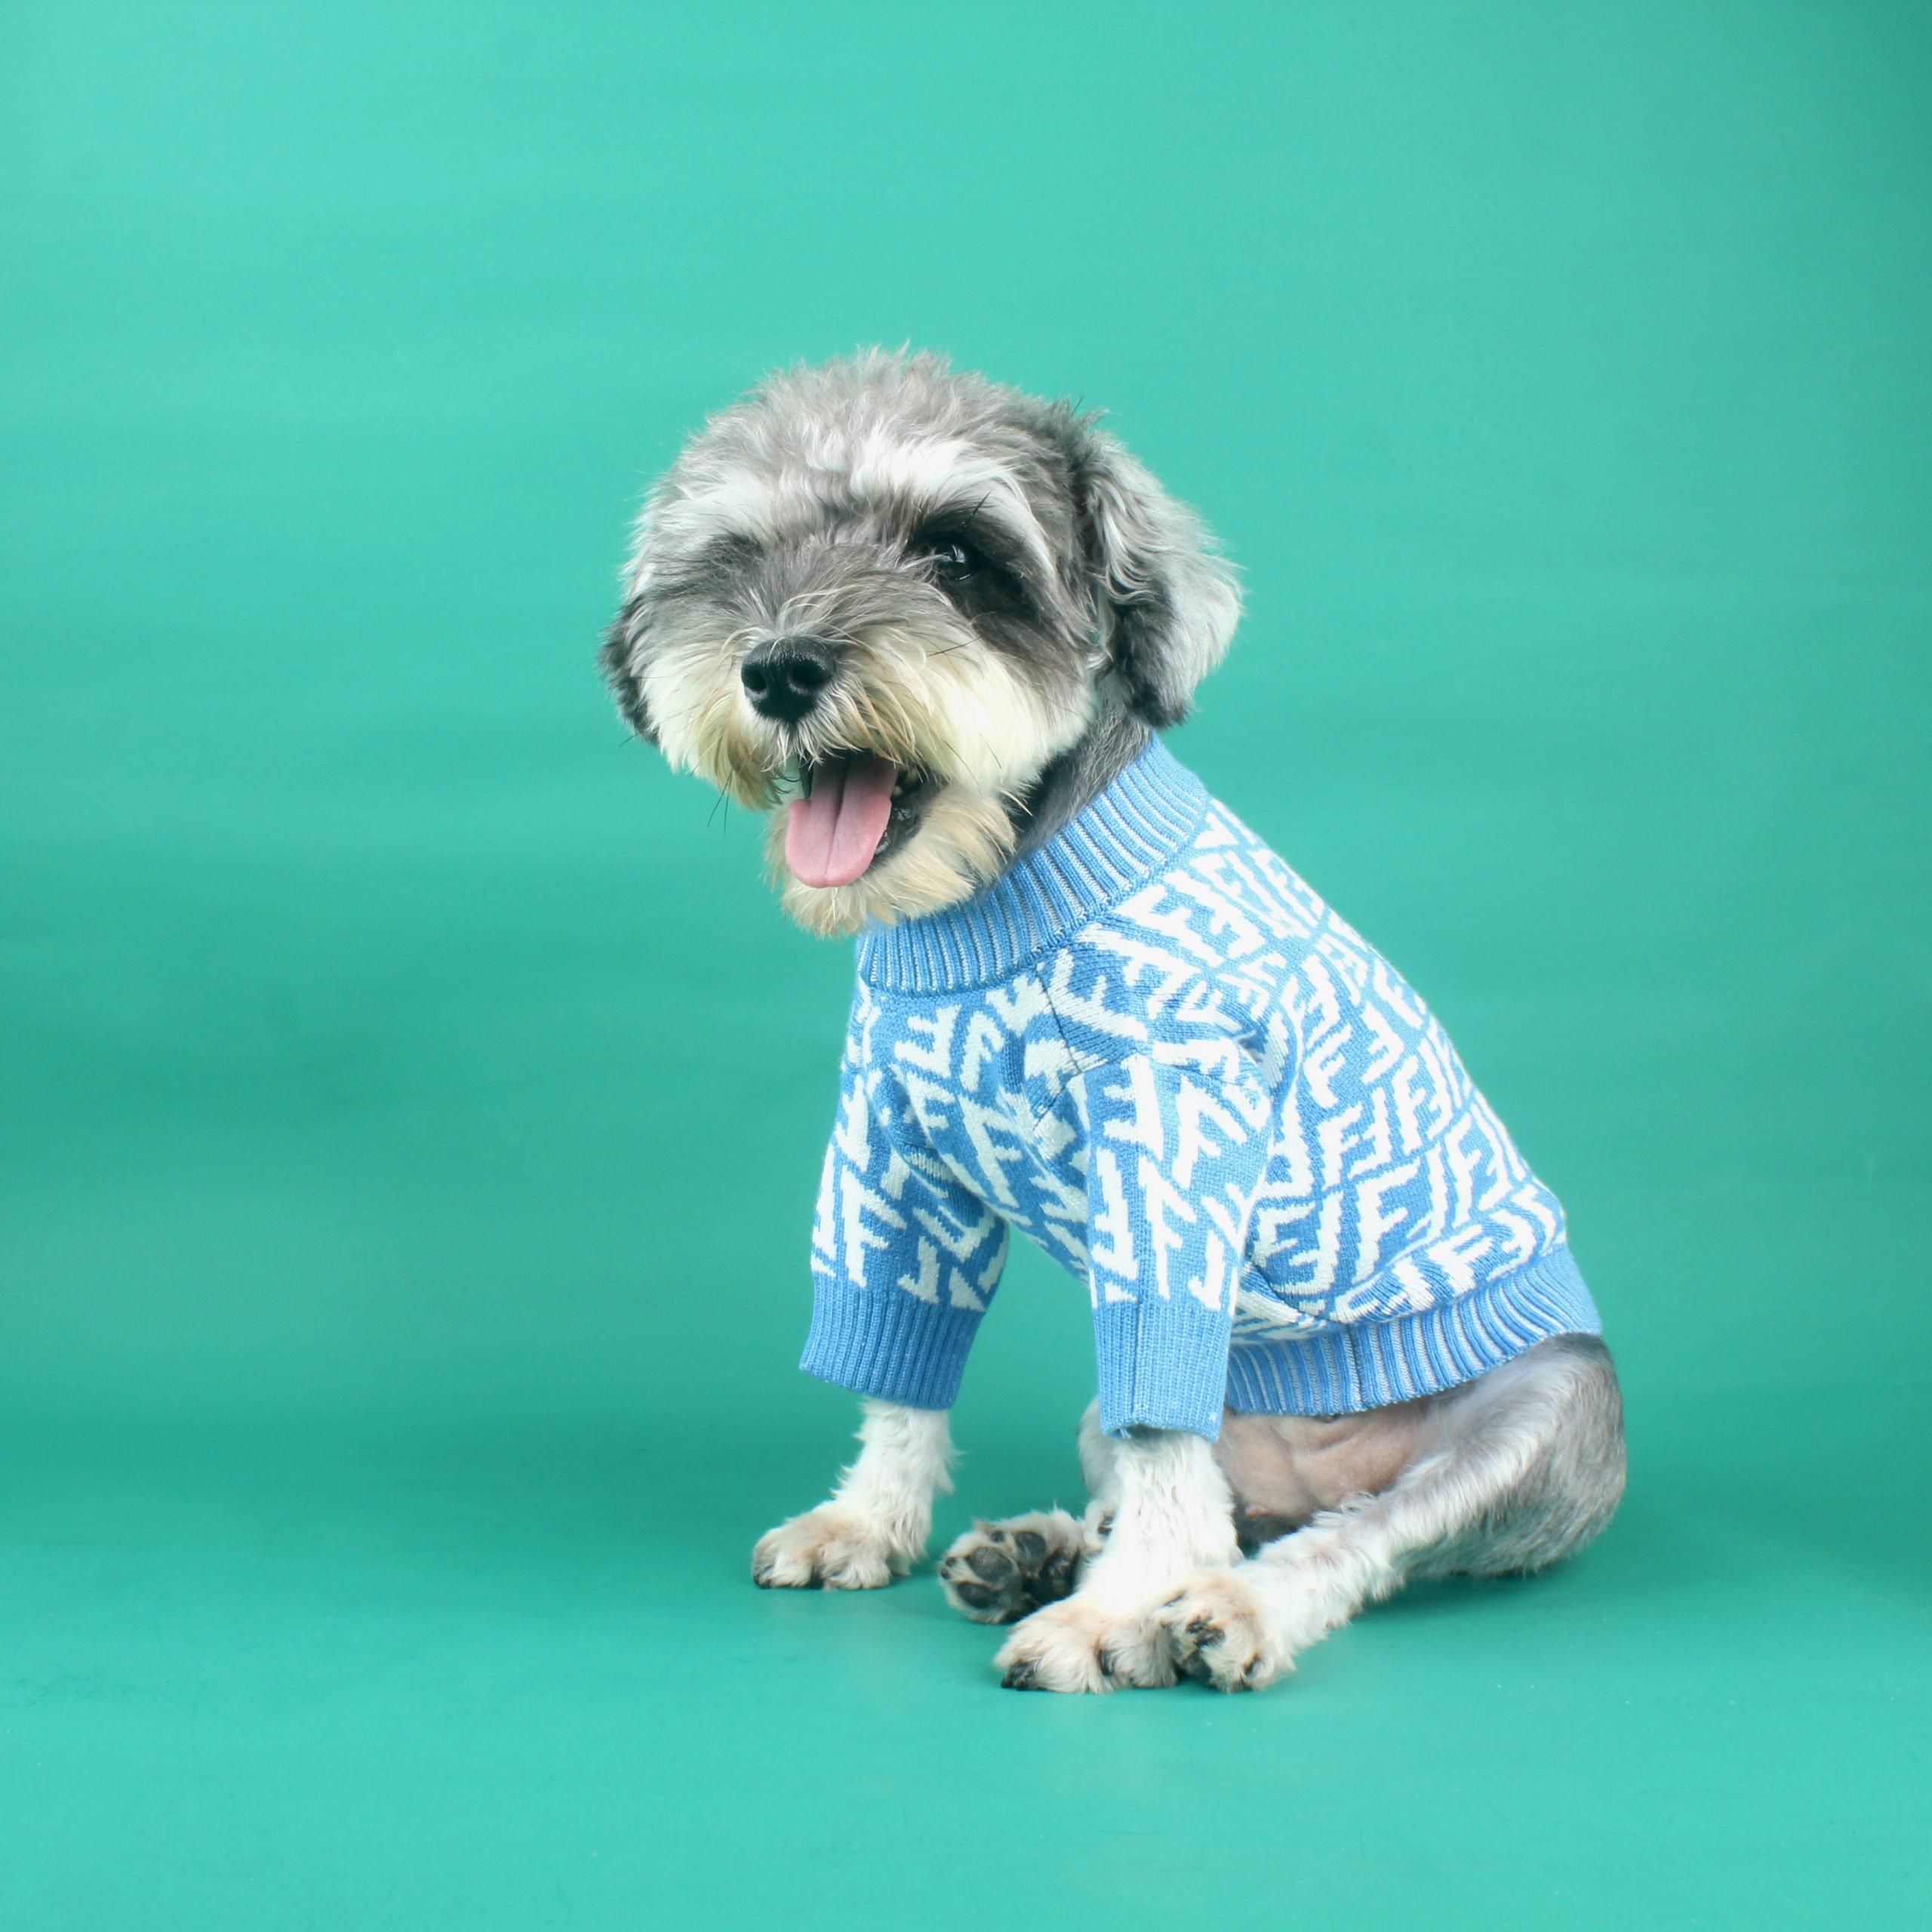 Fur Baby Hypnotized Dog Sweater